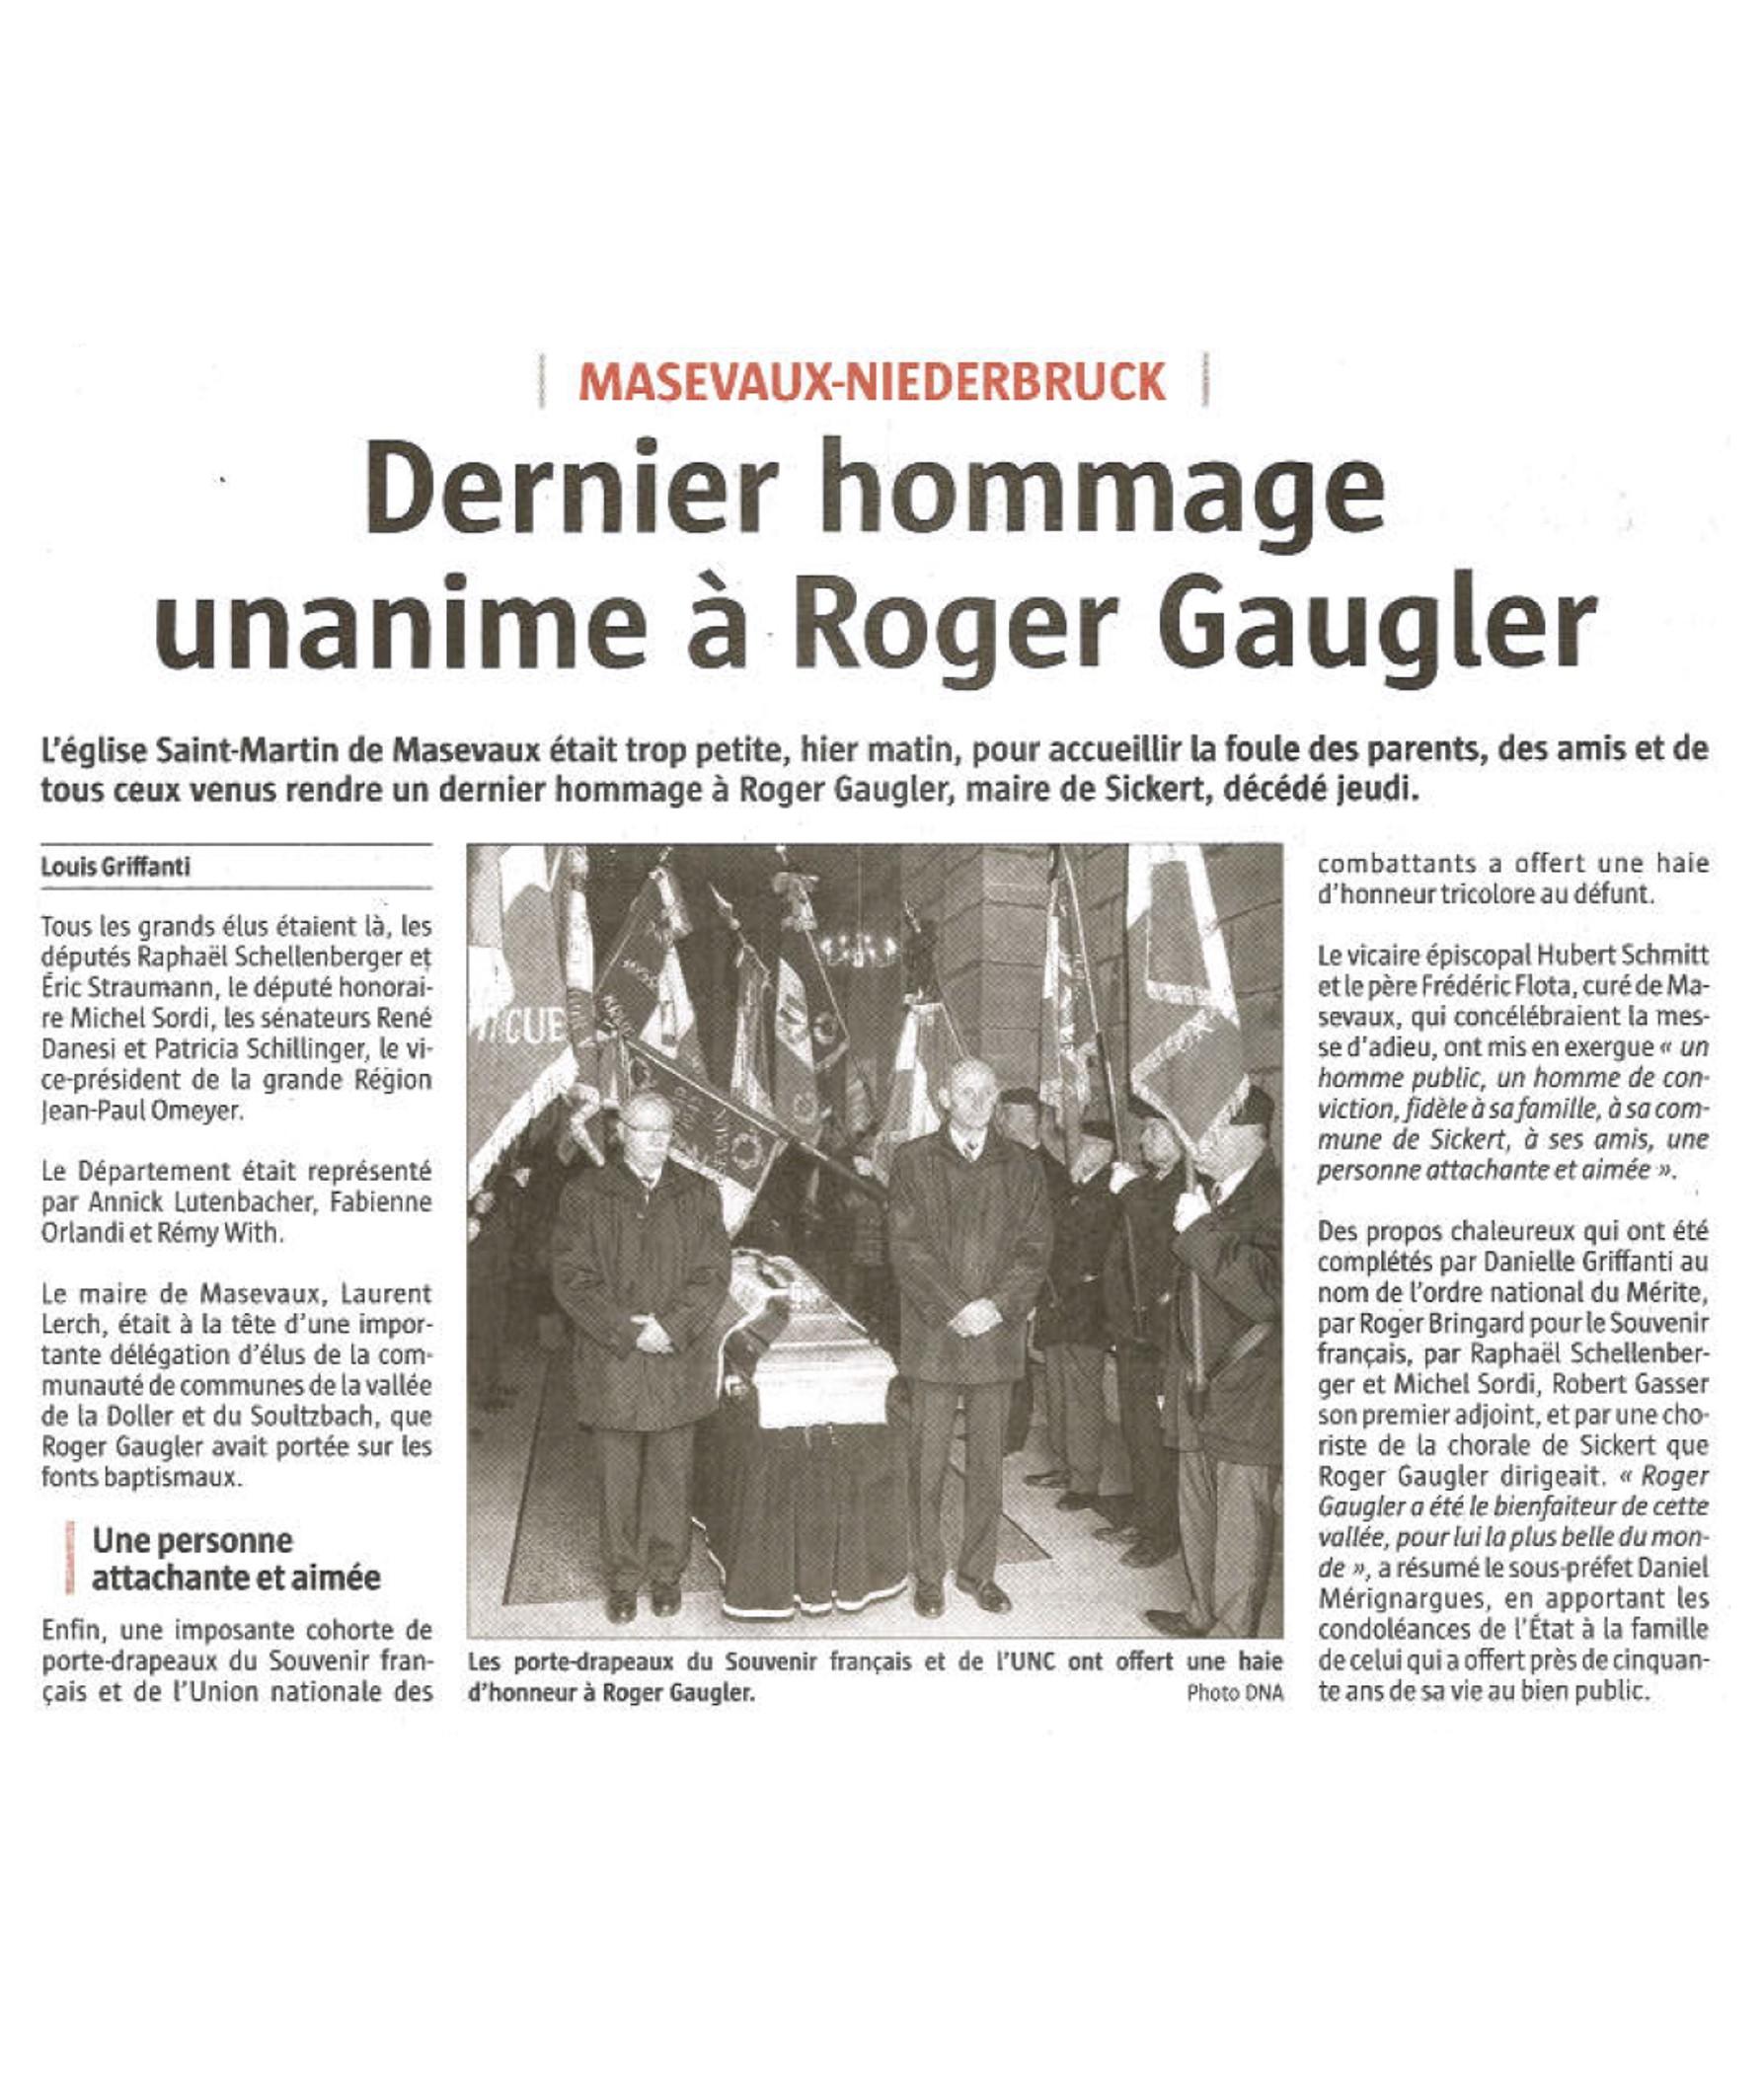 Dernier hommage unanime à Roger Gaugler - L'Alsace (25-02-2018)